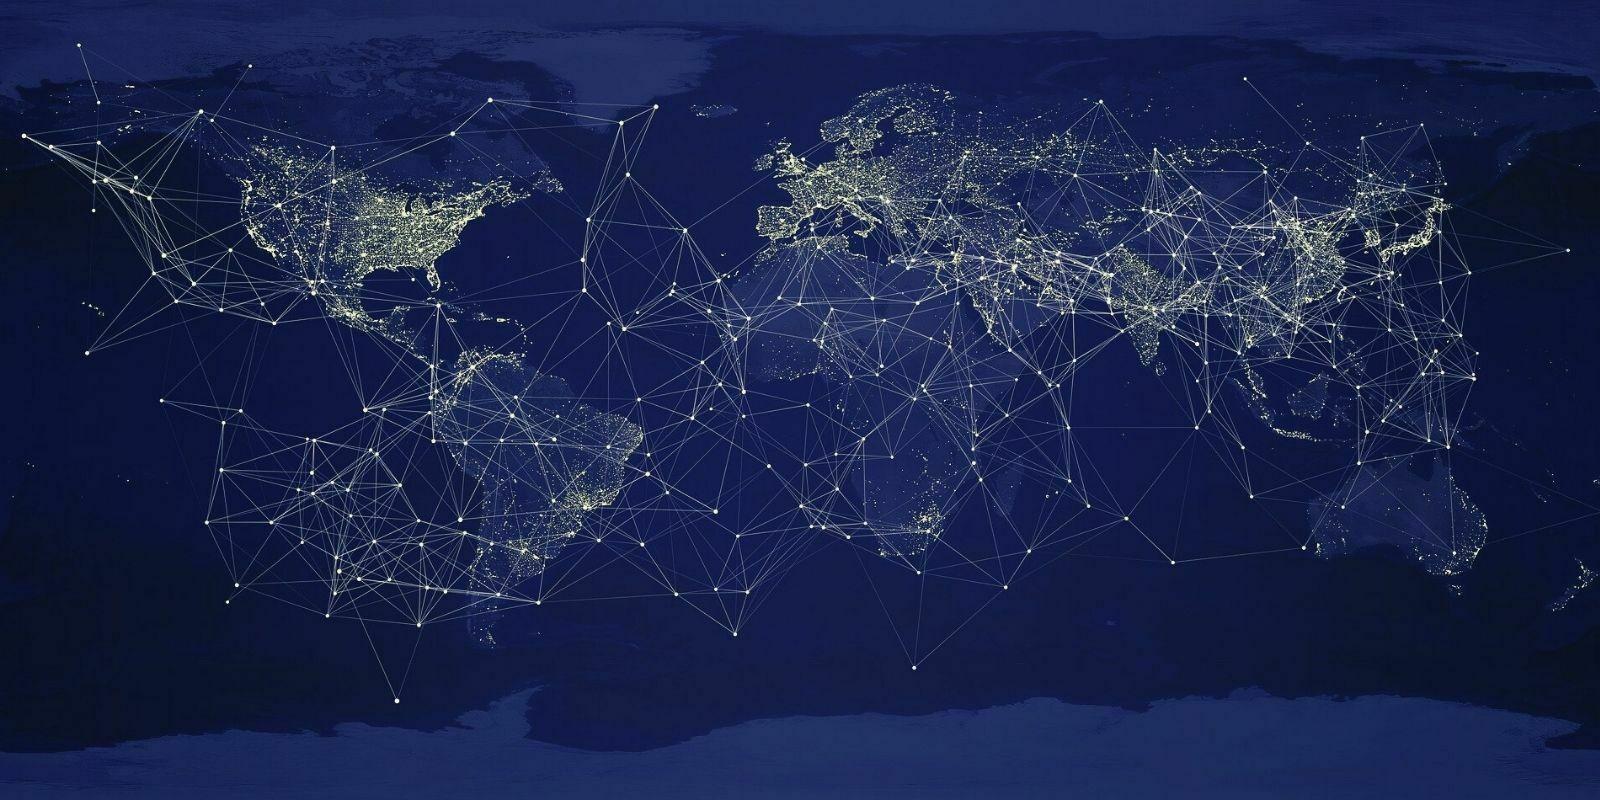 Le stockage décentralisé : une solution pour une gestion hybride des données